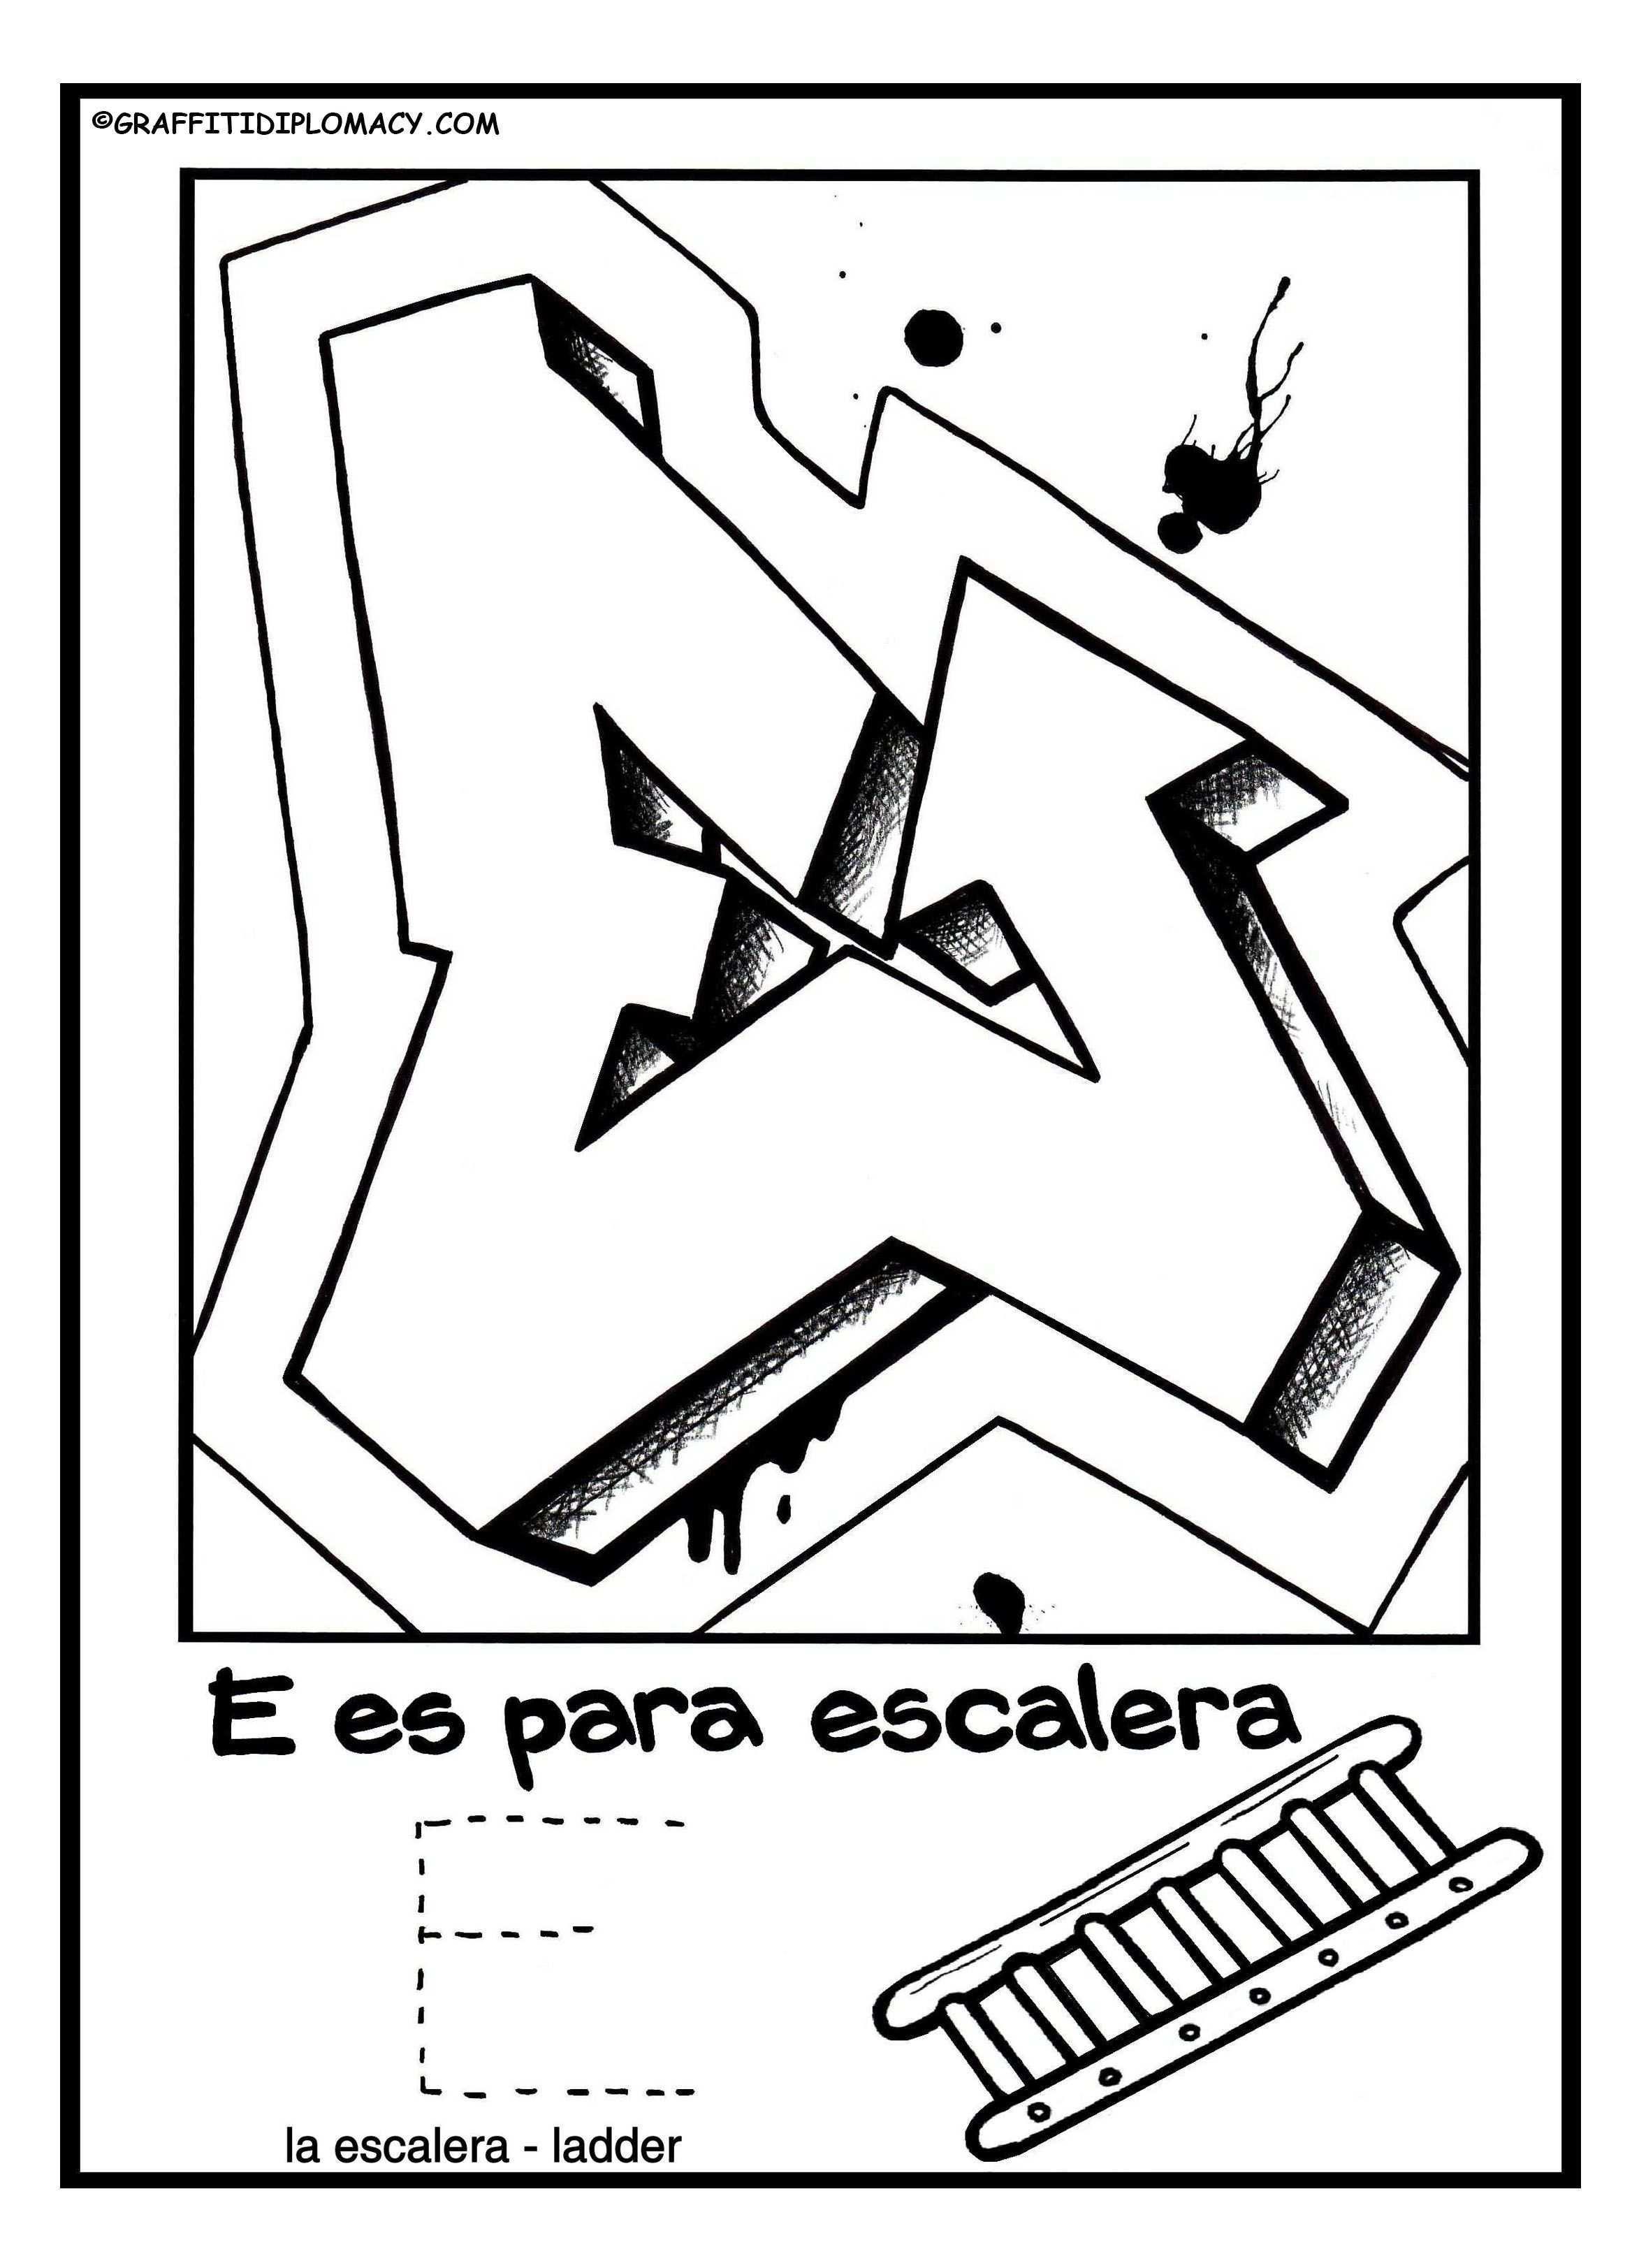 E For Website Spanisg Alphabet Coloring Book Graffiti Diplomacy2 Jpg 2346 3246 Graffiti Lettering Graffiti Alphabet Lettering Alphabet